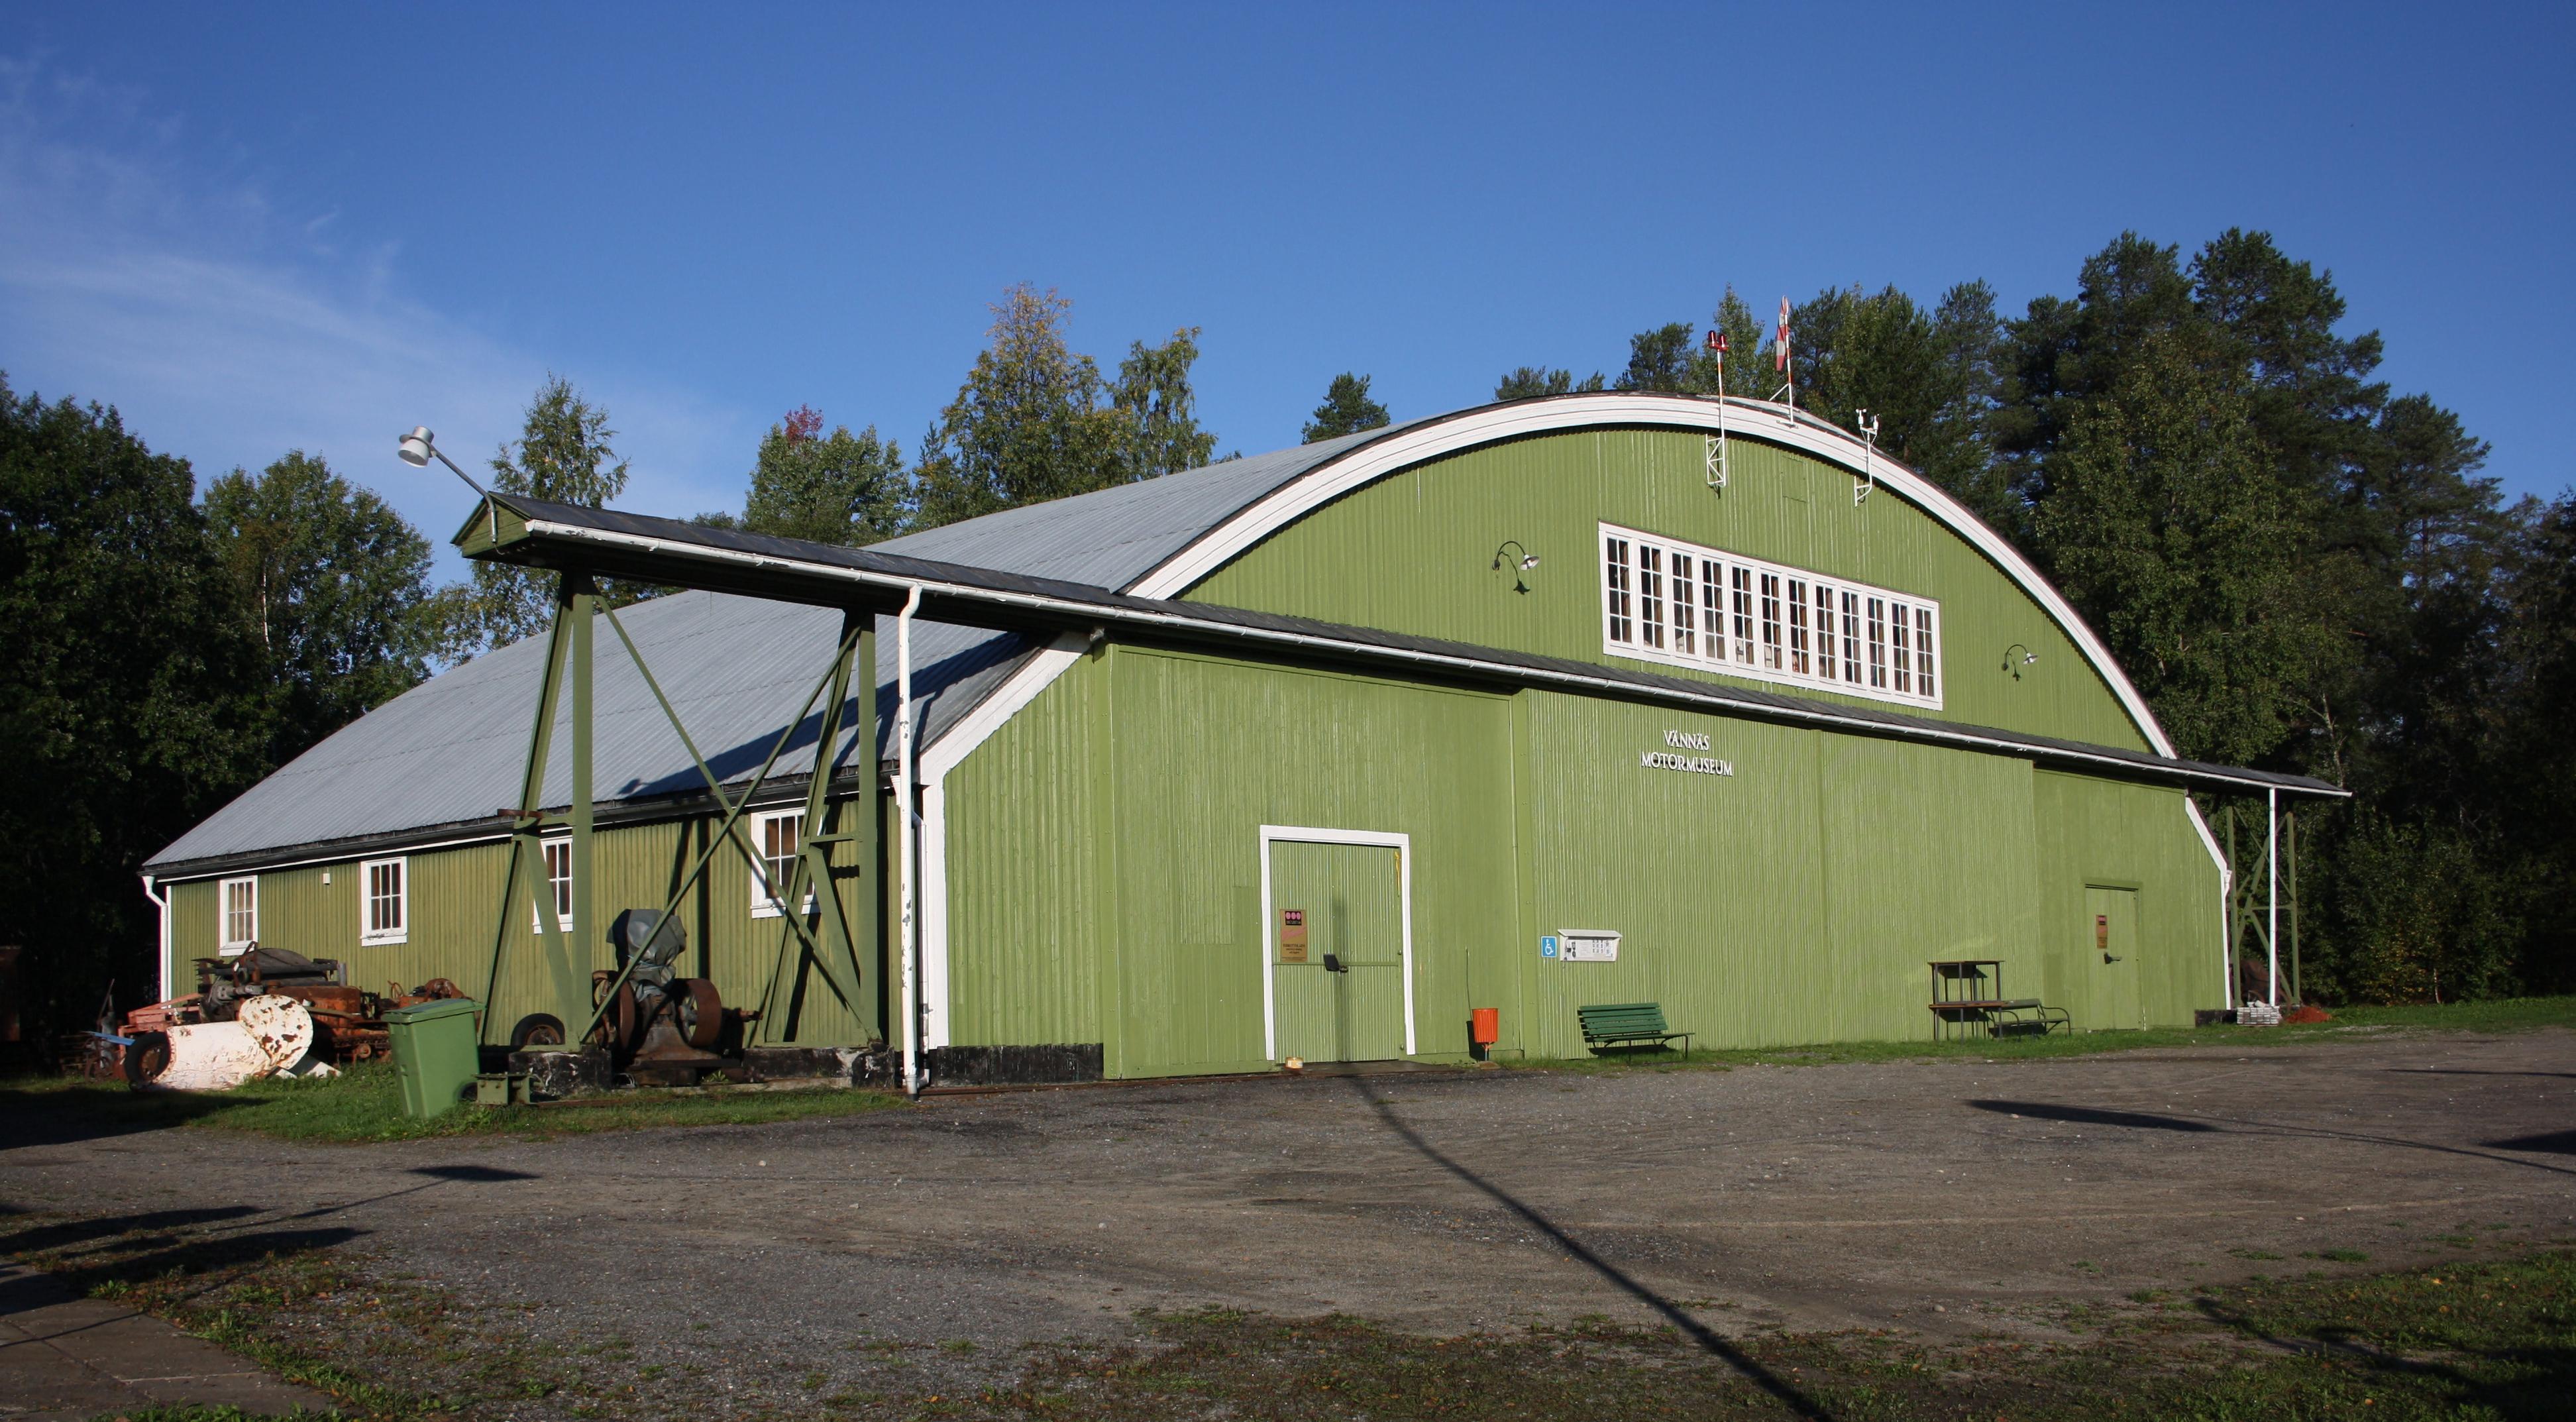 Vännäs läger hangaren 2011-09-11.jpg